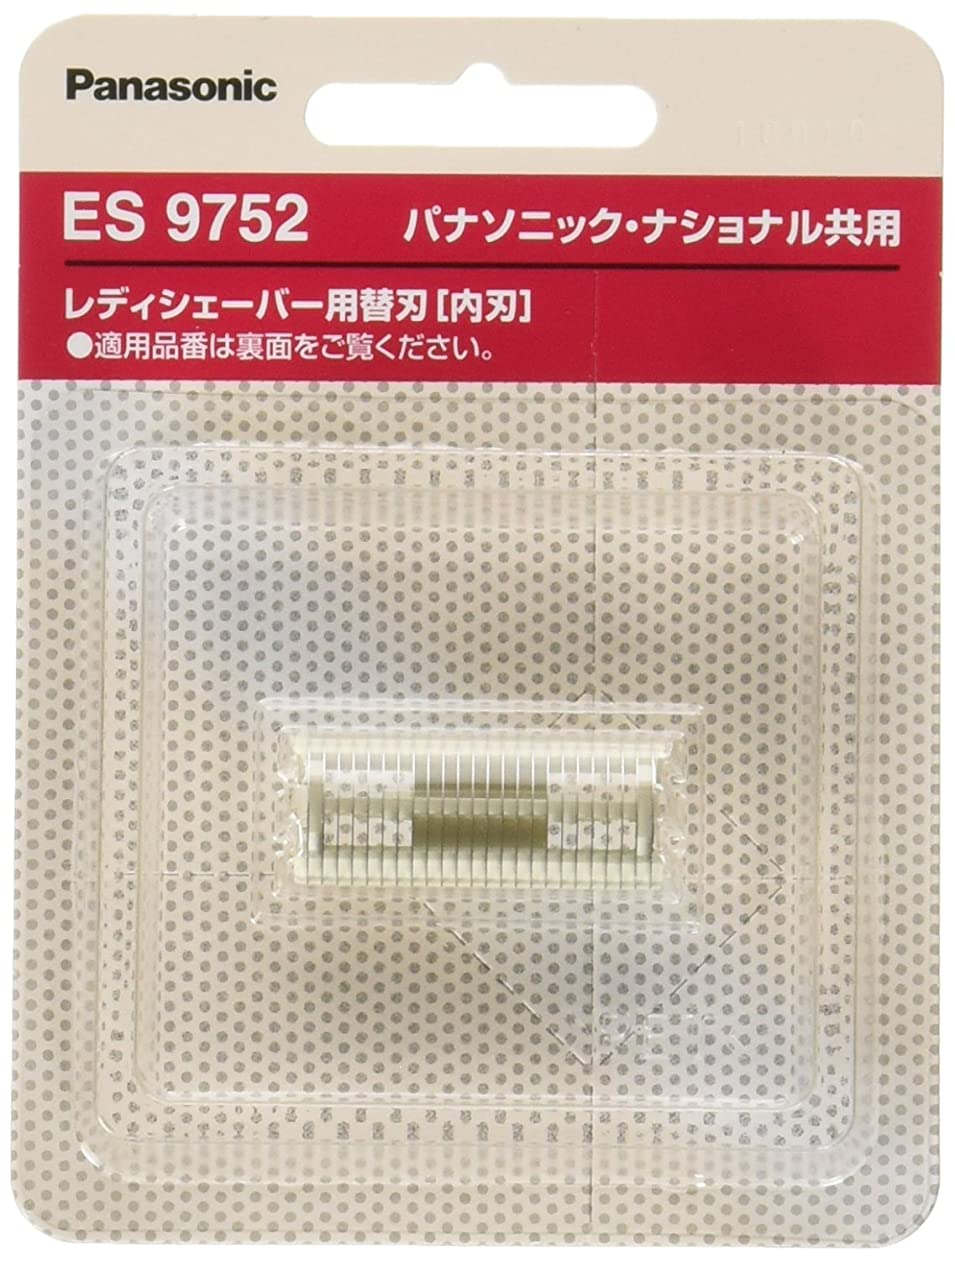 ウサギニンニクパンツPanasonic レディシェーバー用替え刃 内刃F-14 ES9752